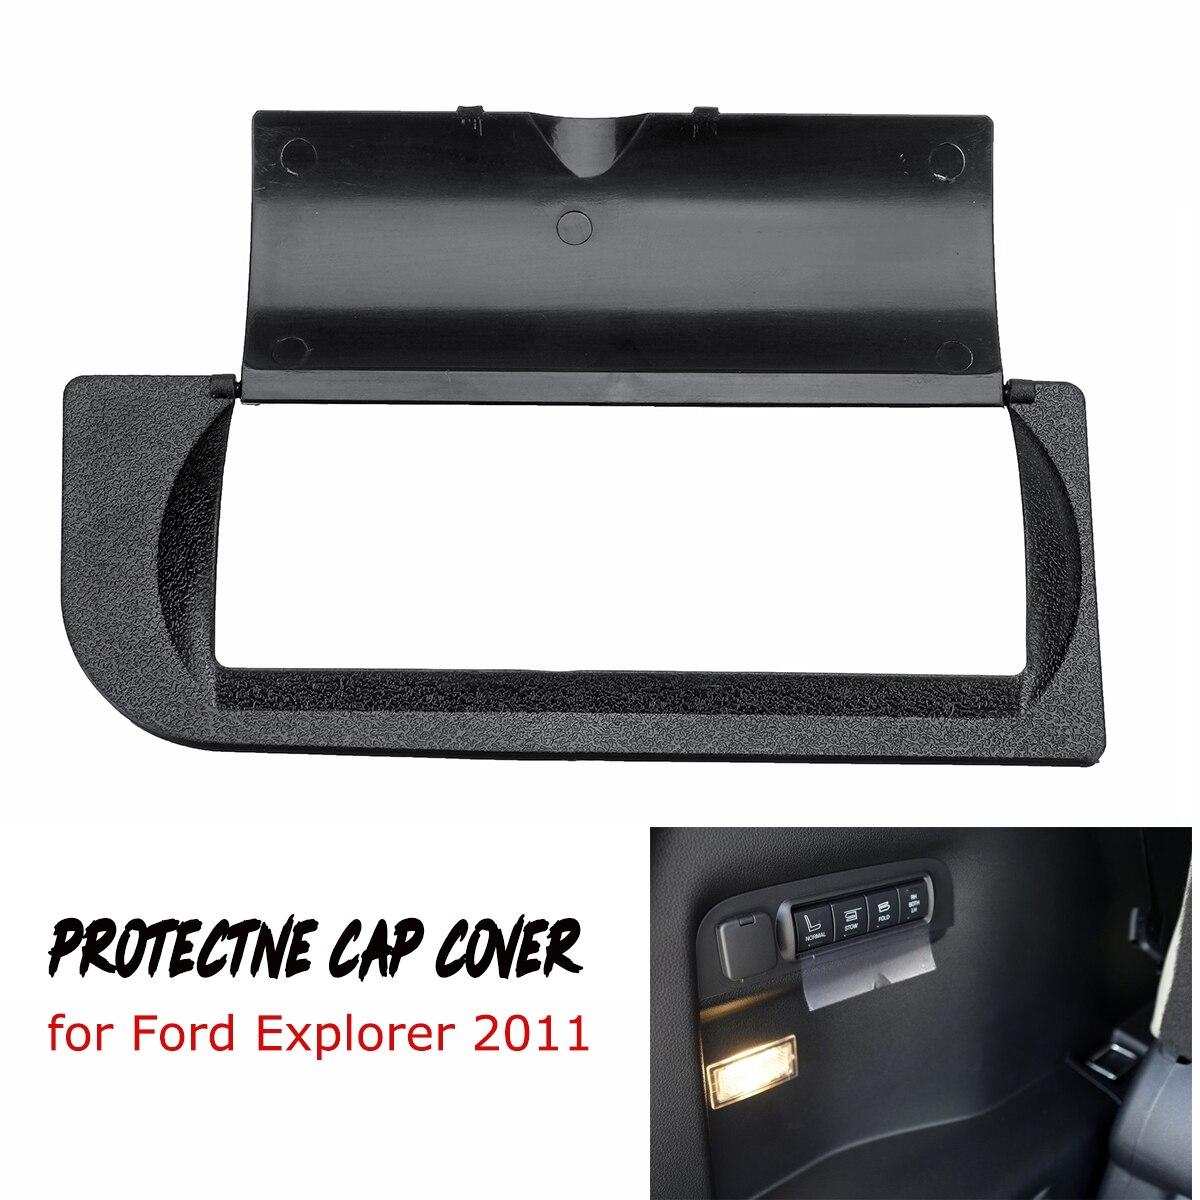 ABS Защитная крышка для кнопок в багажнике для Ford Explorer 2011 2012 2013 2014 2015 2016 2017